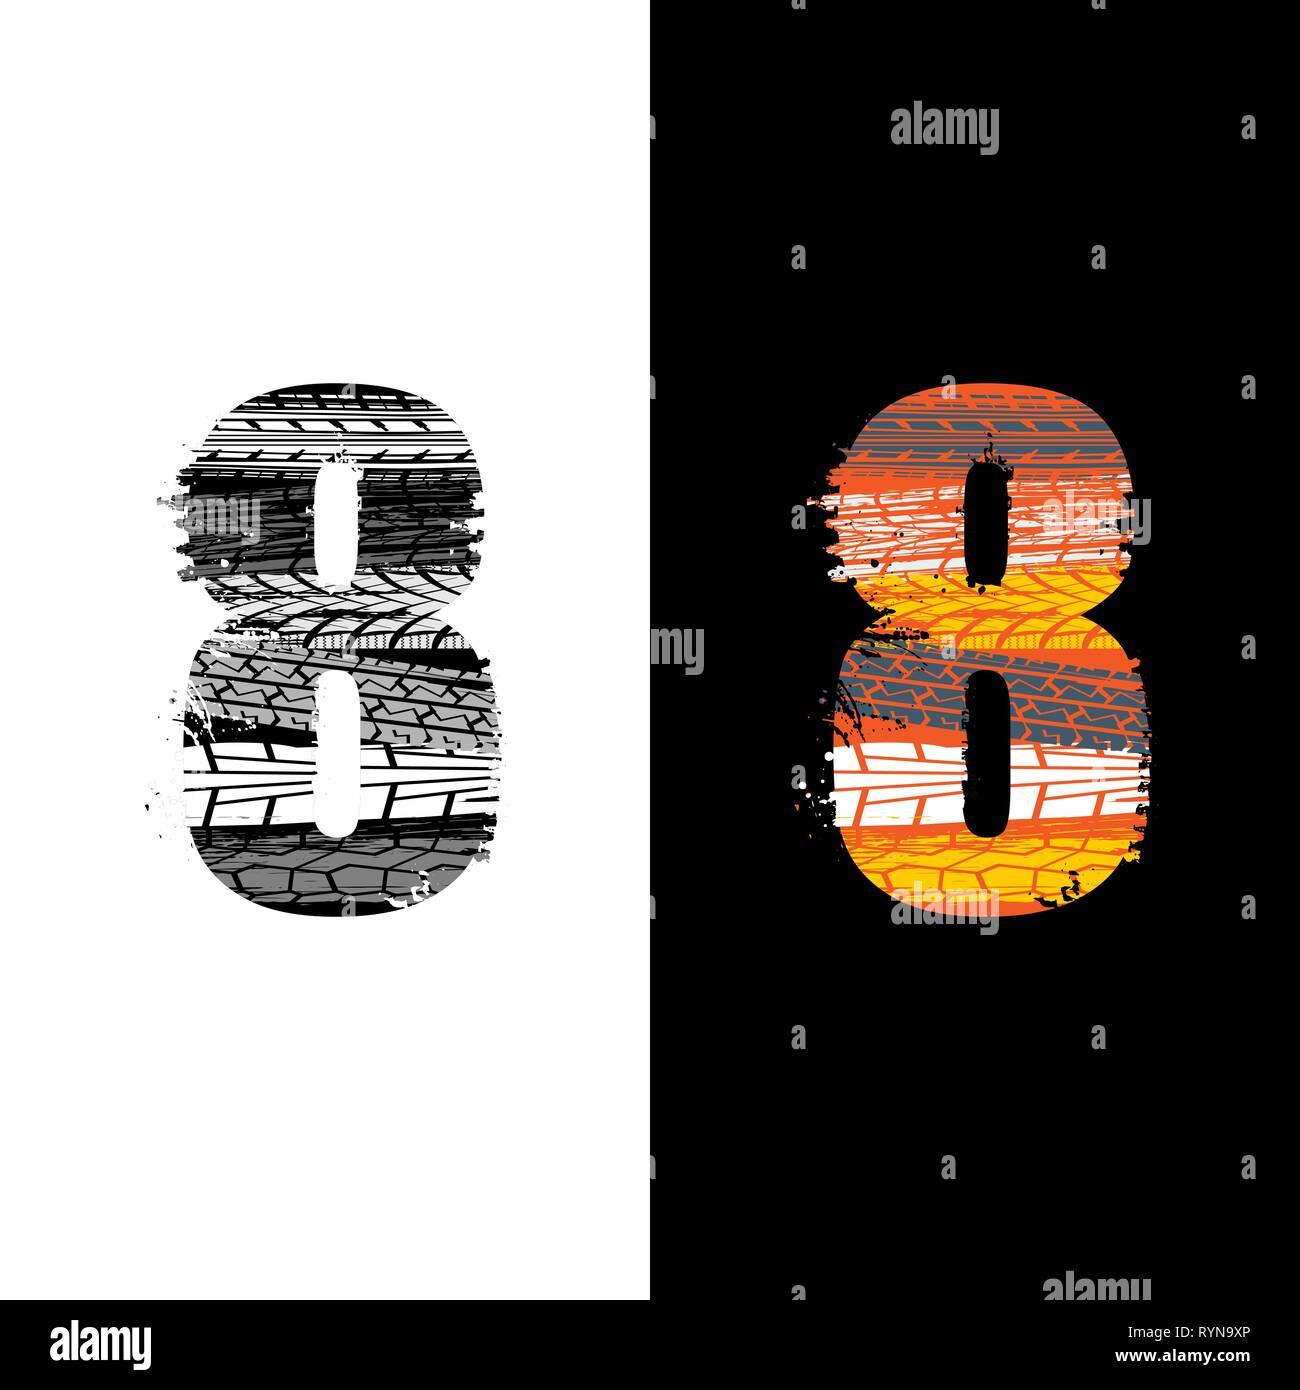 Deux groupes grunge numéro 8 avec traces de isolé sur fond differennt Photo Stock